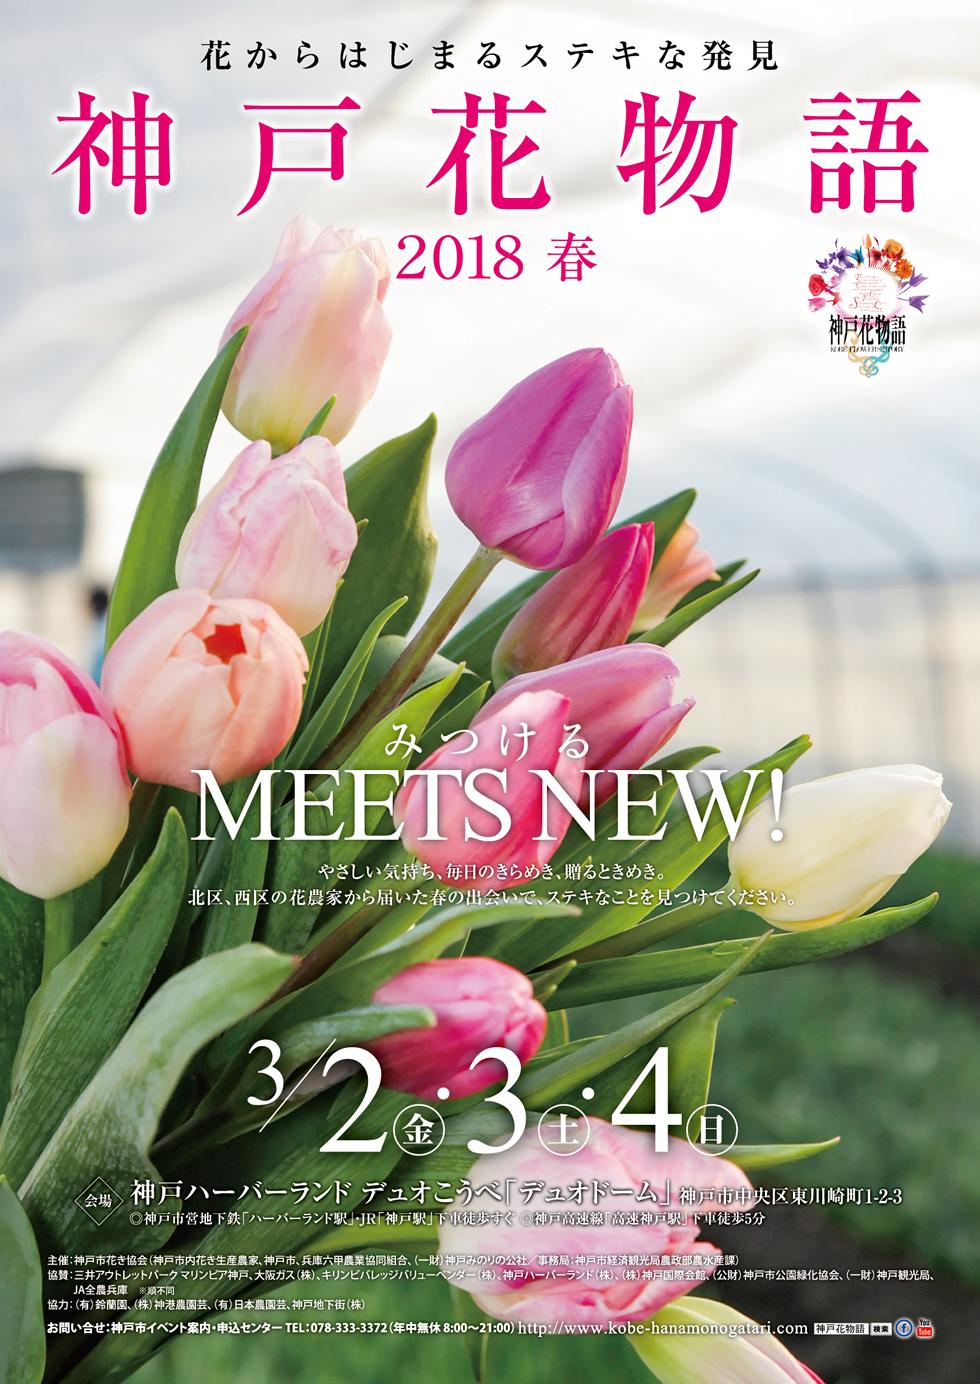 神戸花物語2018春